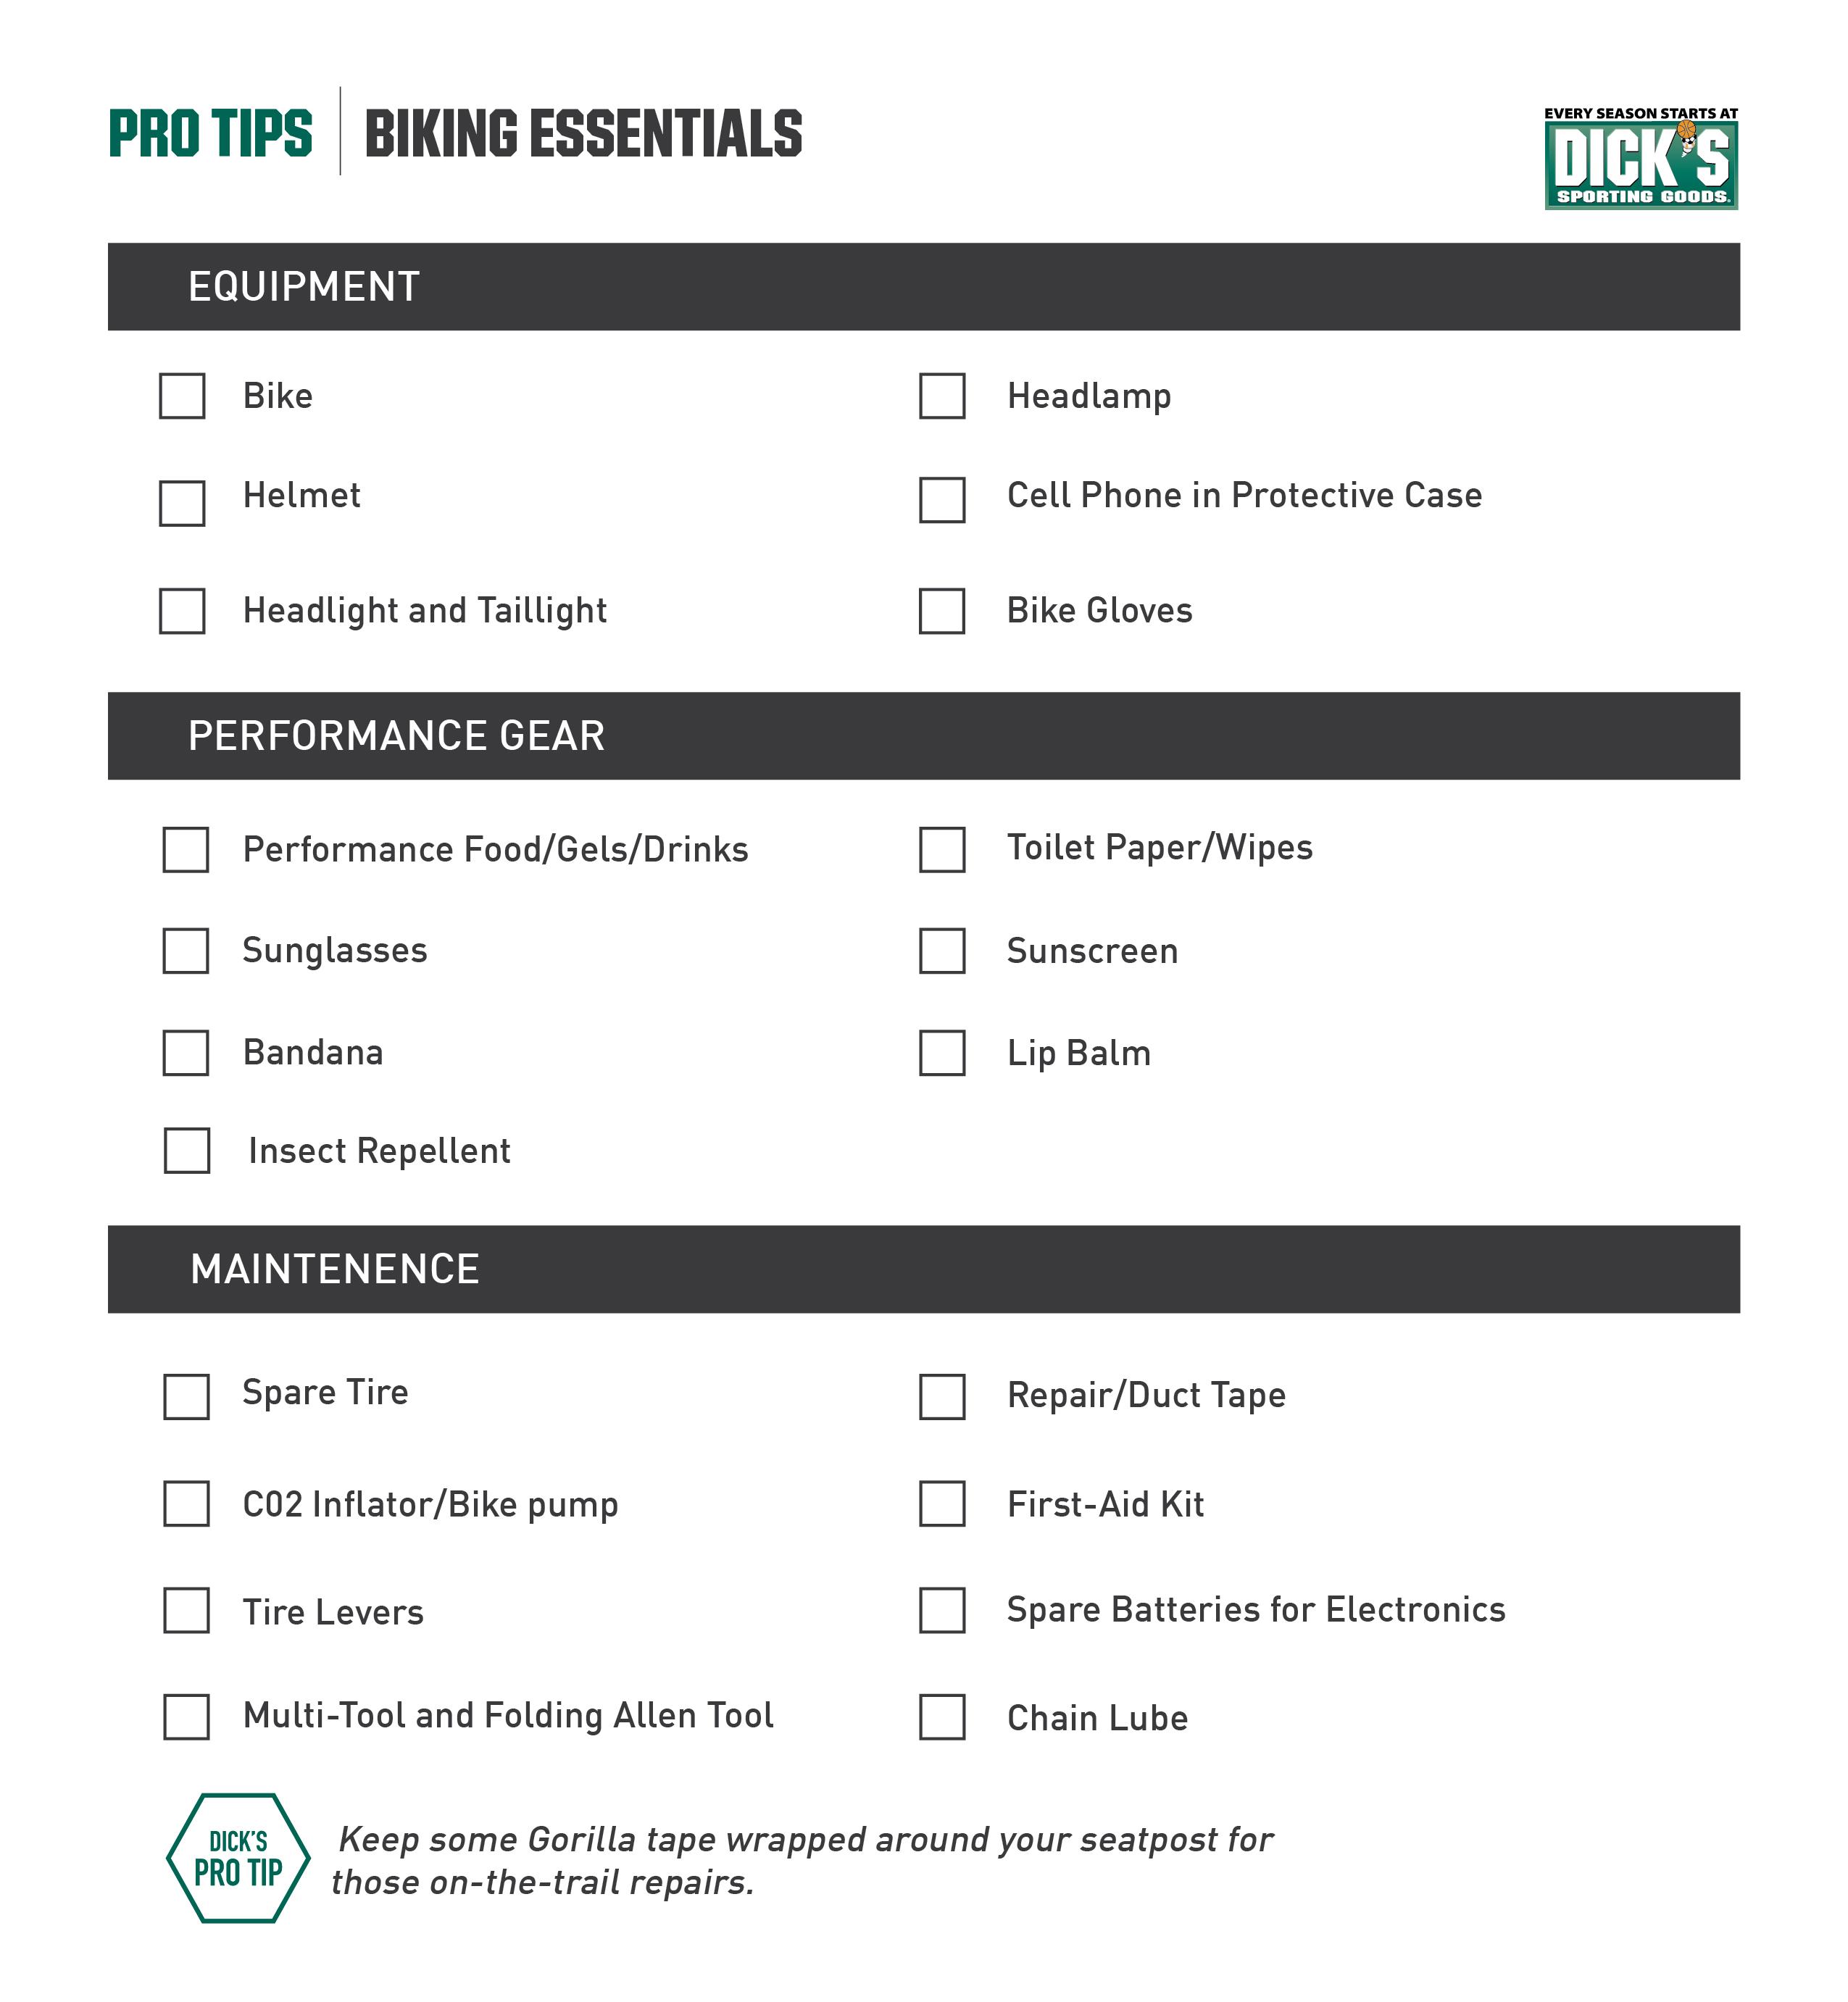 biking checklist